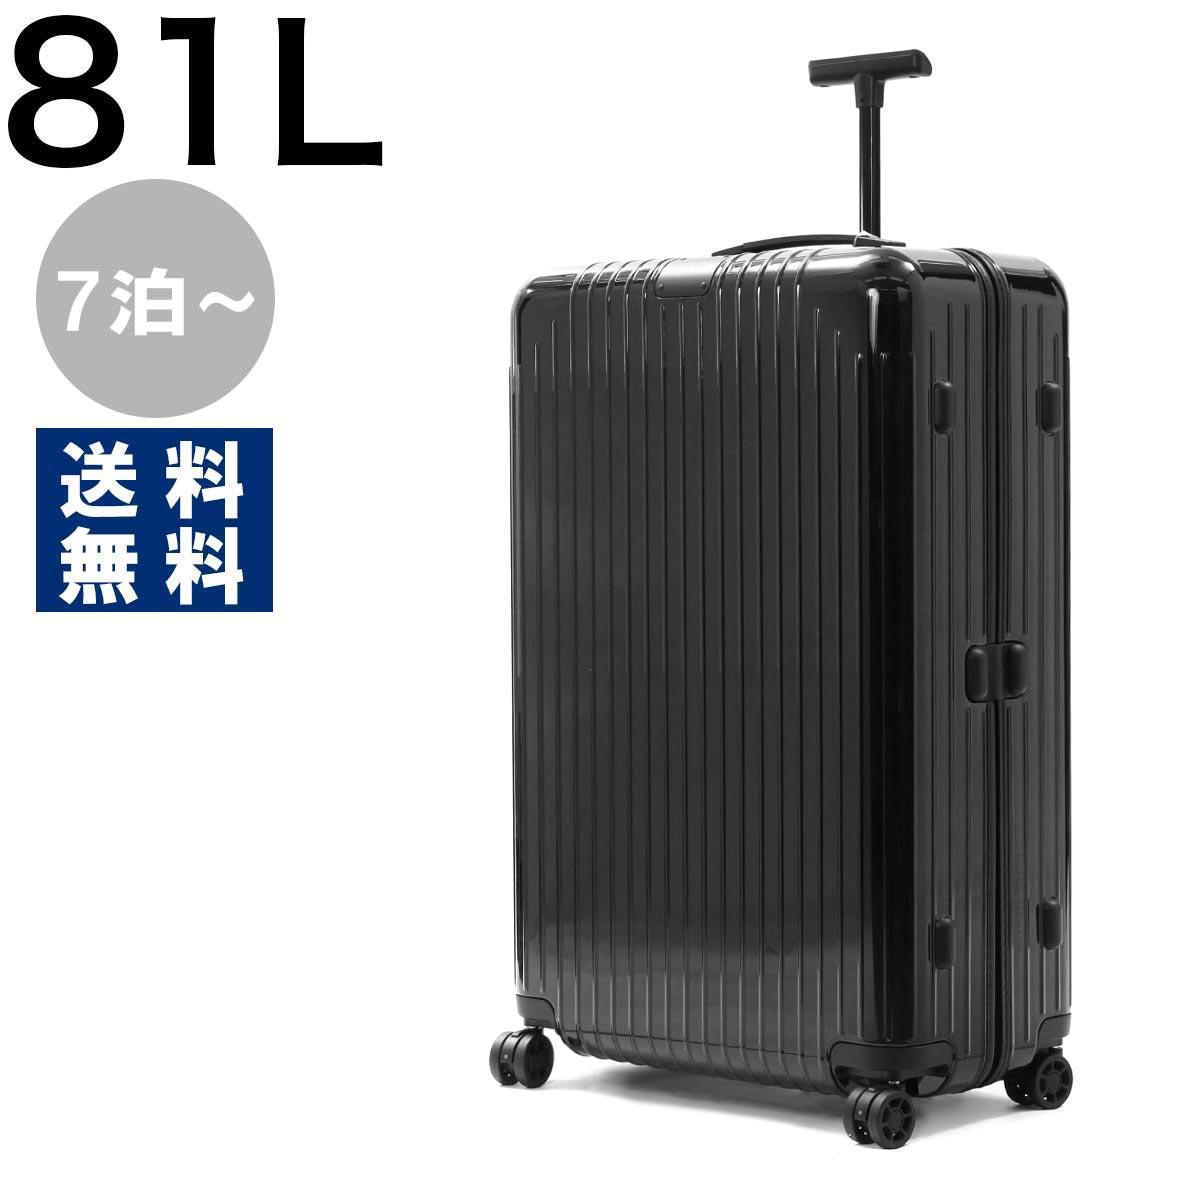 リモワ スーツケース/旅行用バッグ バッグ メンズ レディース エッセンシャル ライト チェックイン L 81L 7泊~ ブラックグロス 823.73.62.4 RIMOWA